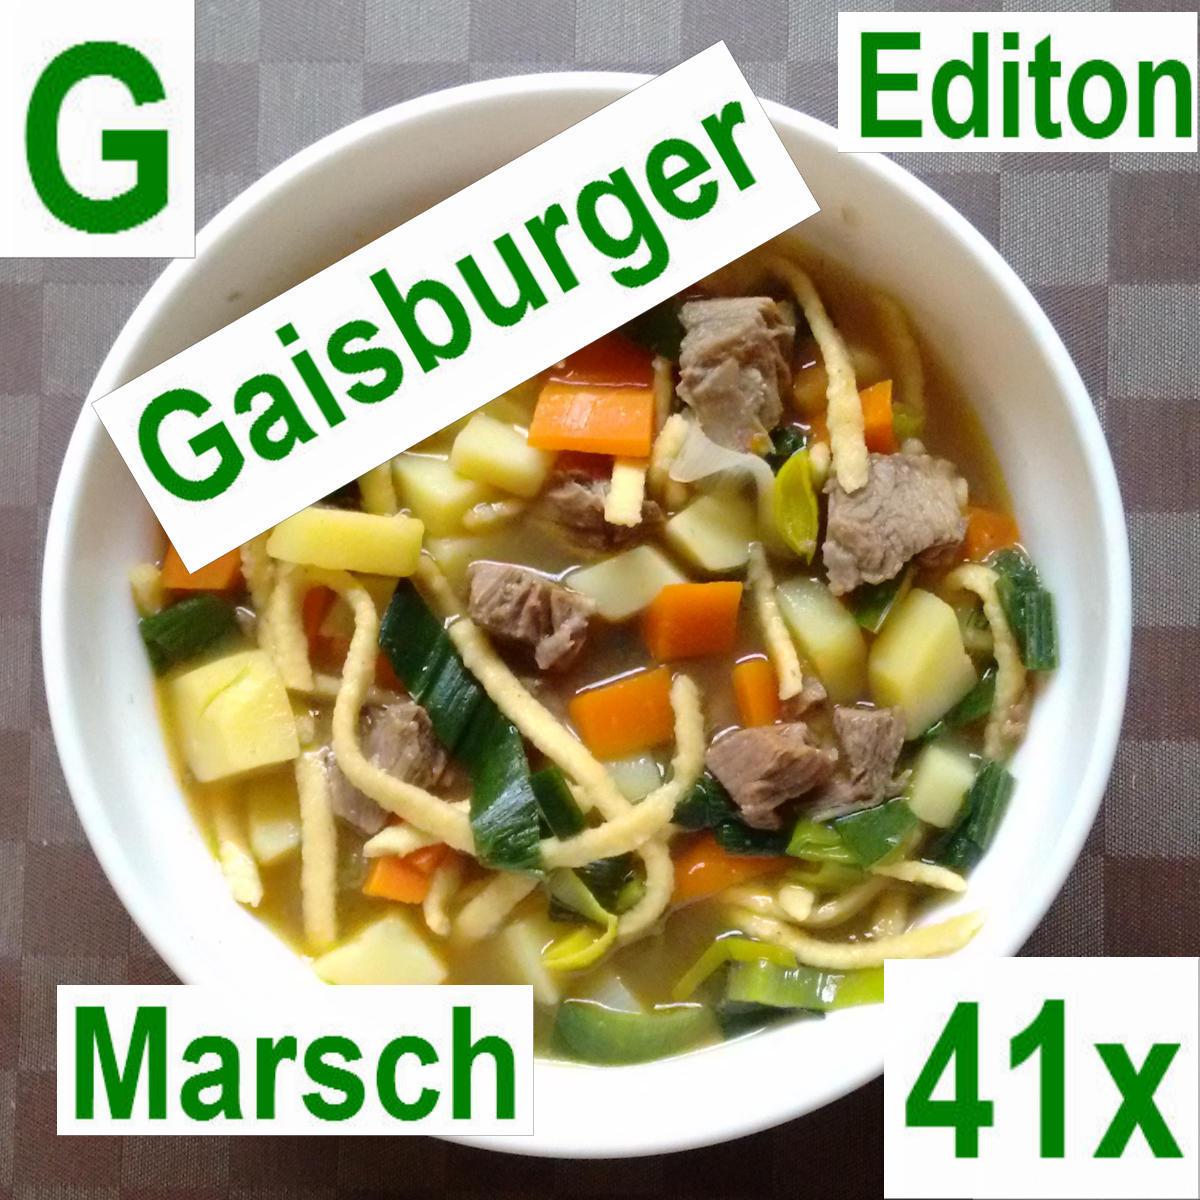 Gaisburger Marsch | vonMich